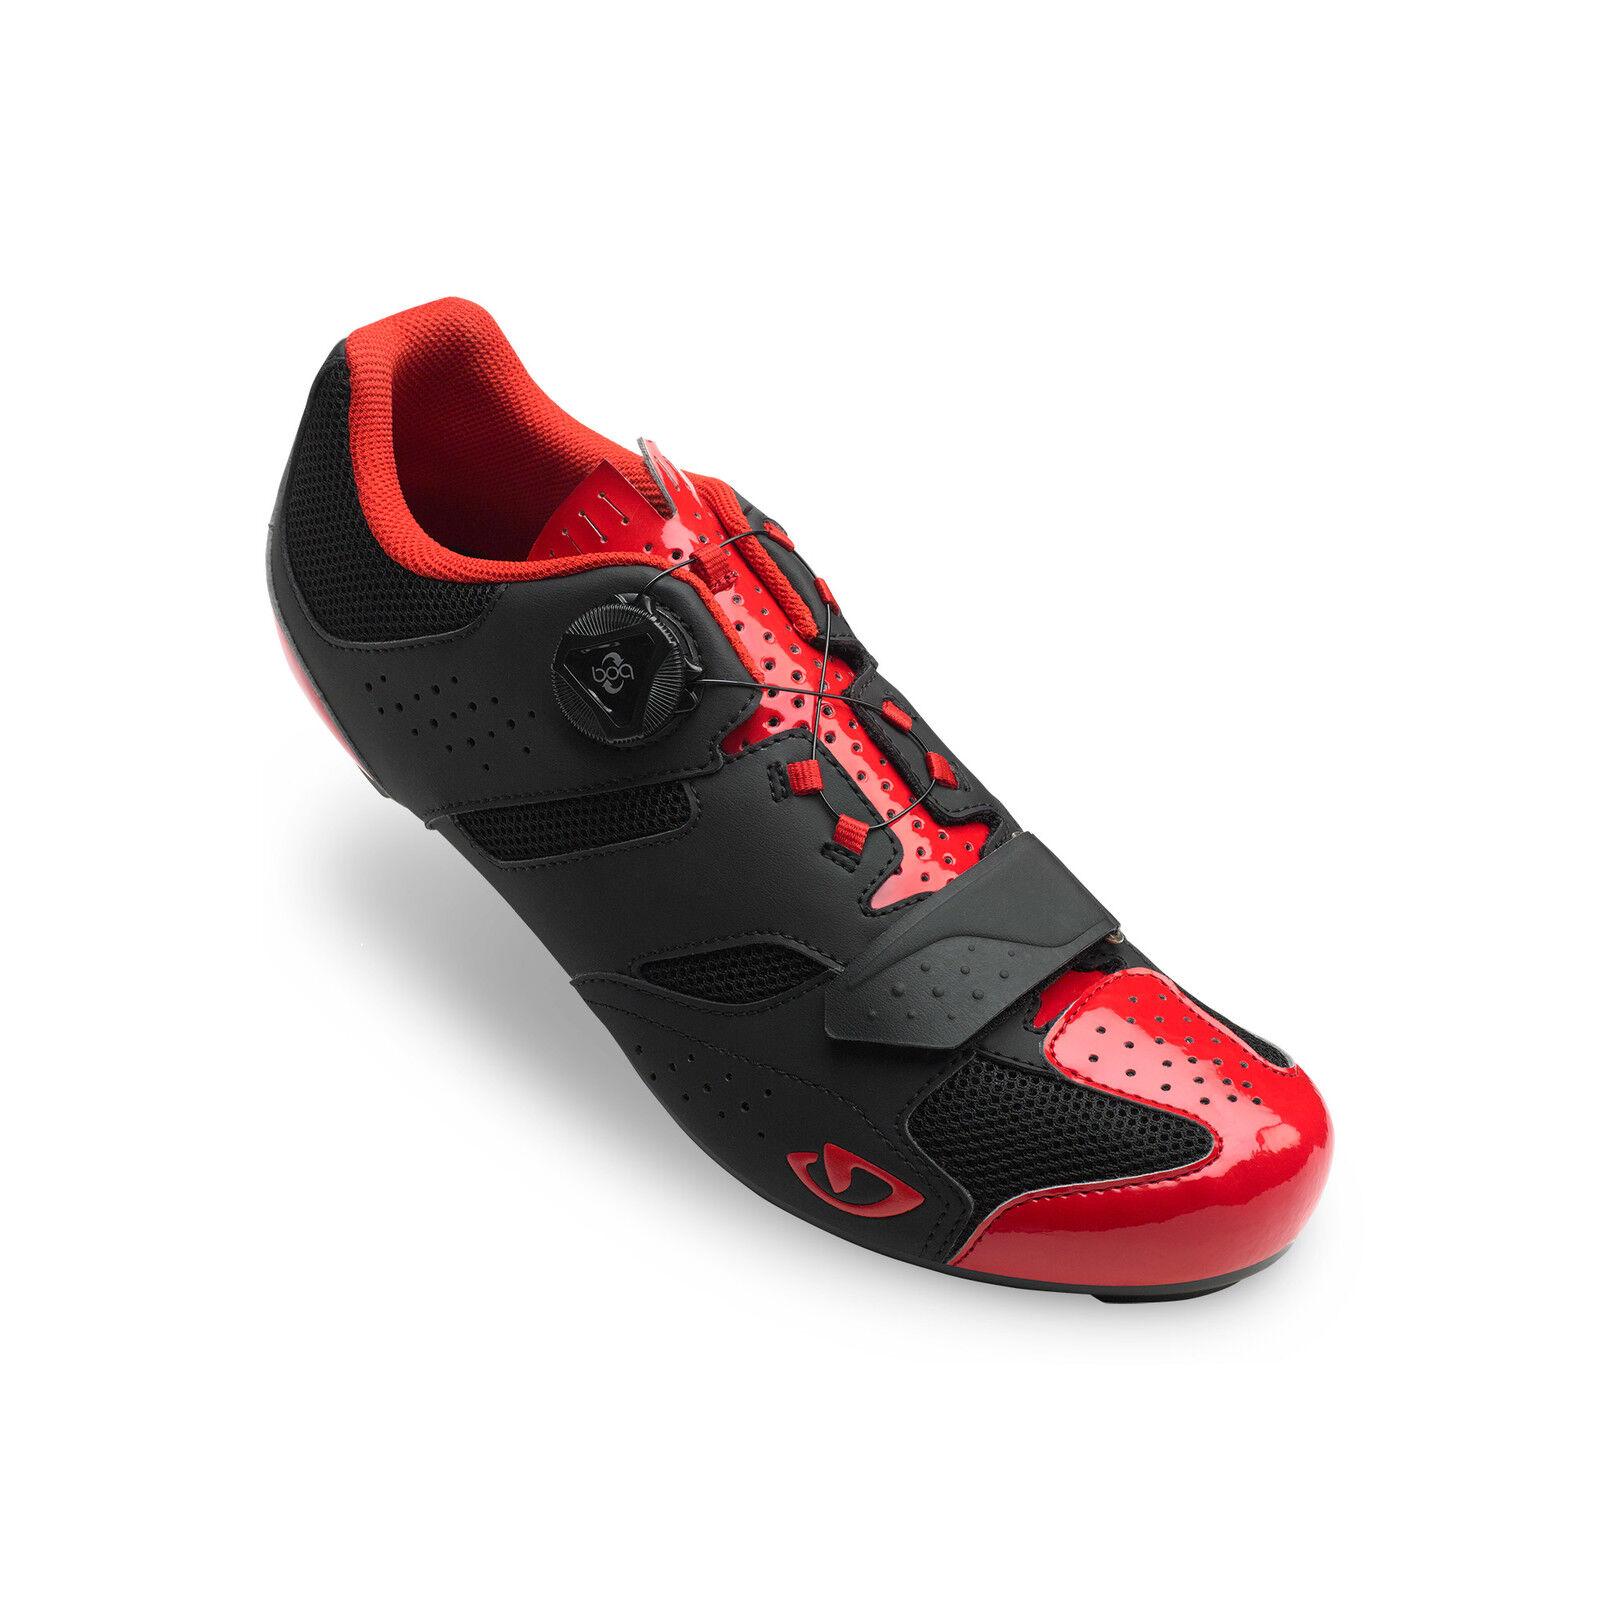 Giro Savix Rennrad Fahrrad Schuhe Schuhe Schuhe schwarz rot 2019 cf3702